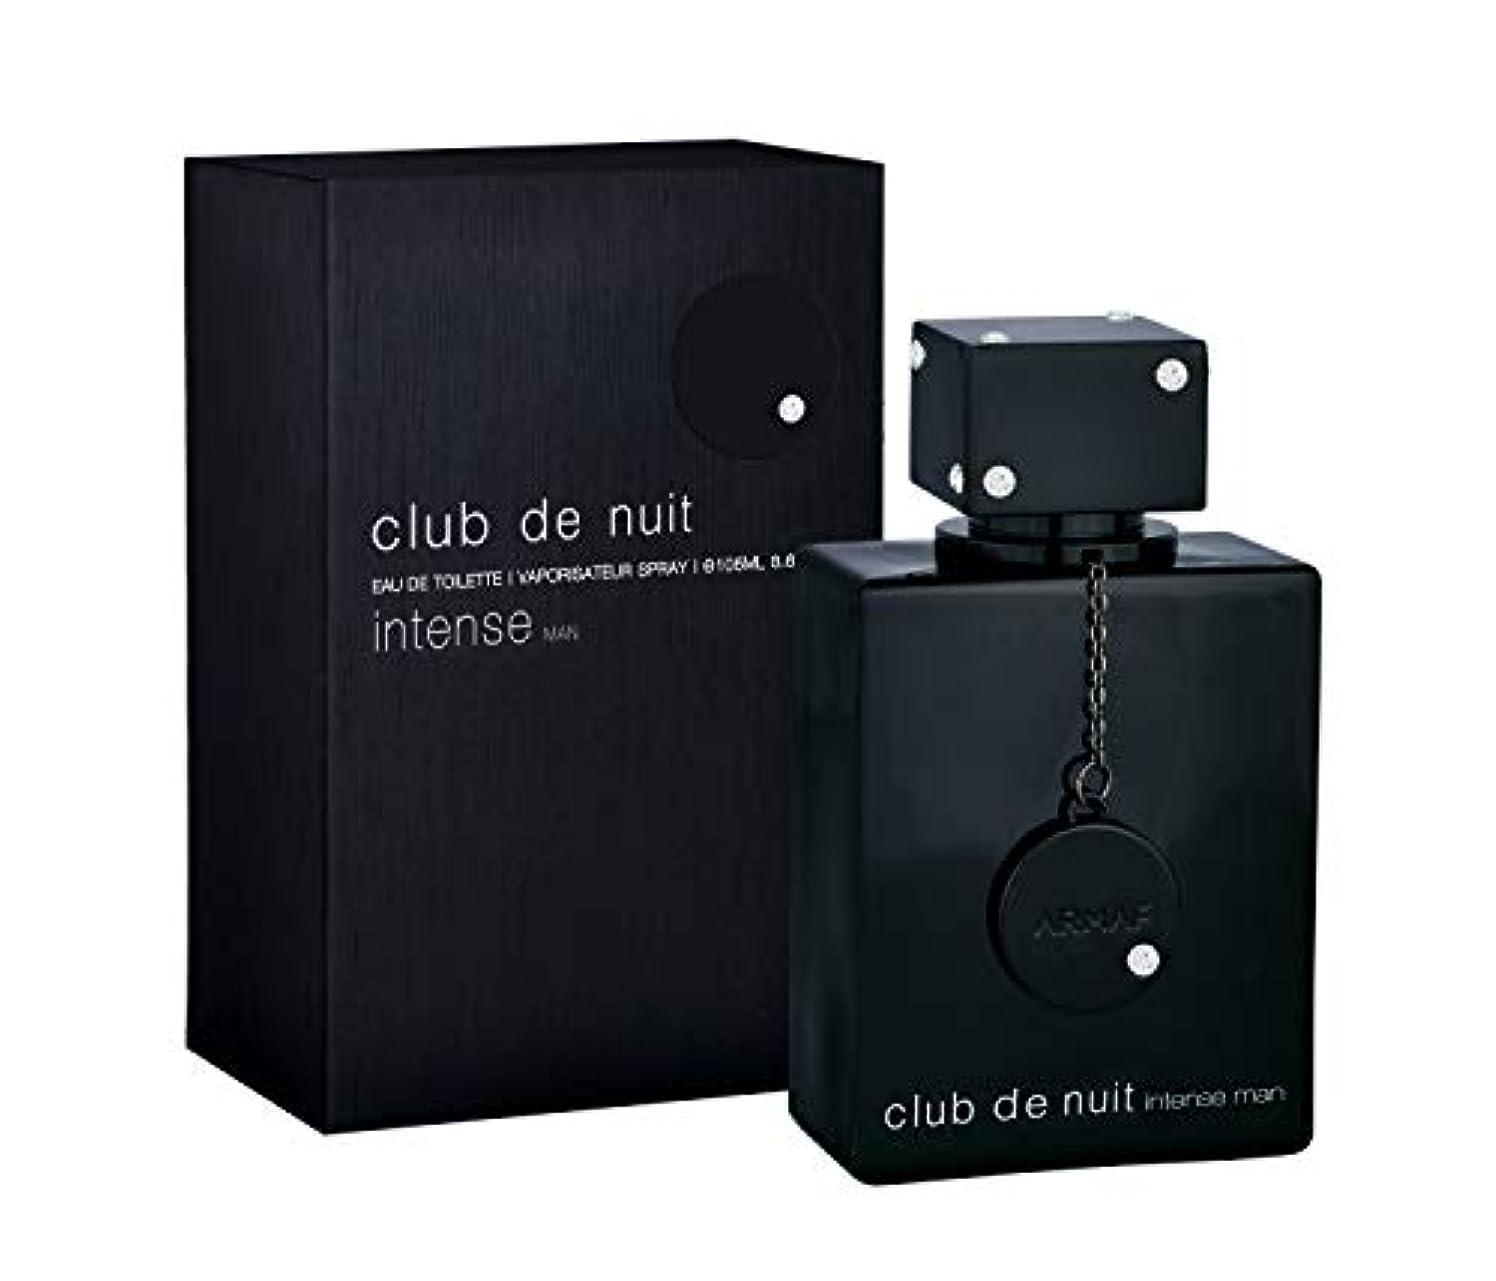 農場ニュース欠如Armaf club de nuit men intense Perfume EDT Eau De Toilette 100 ml Fragrance